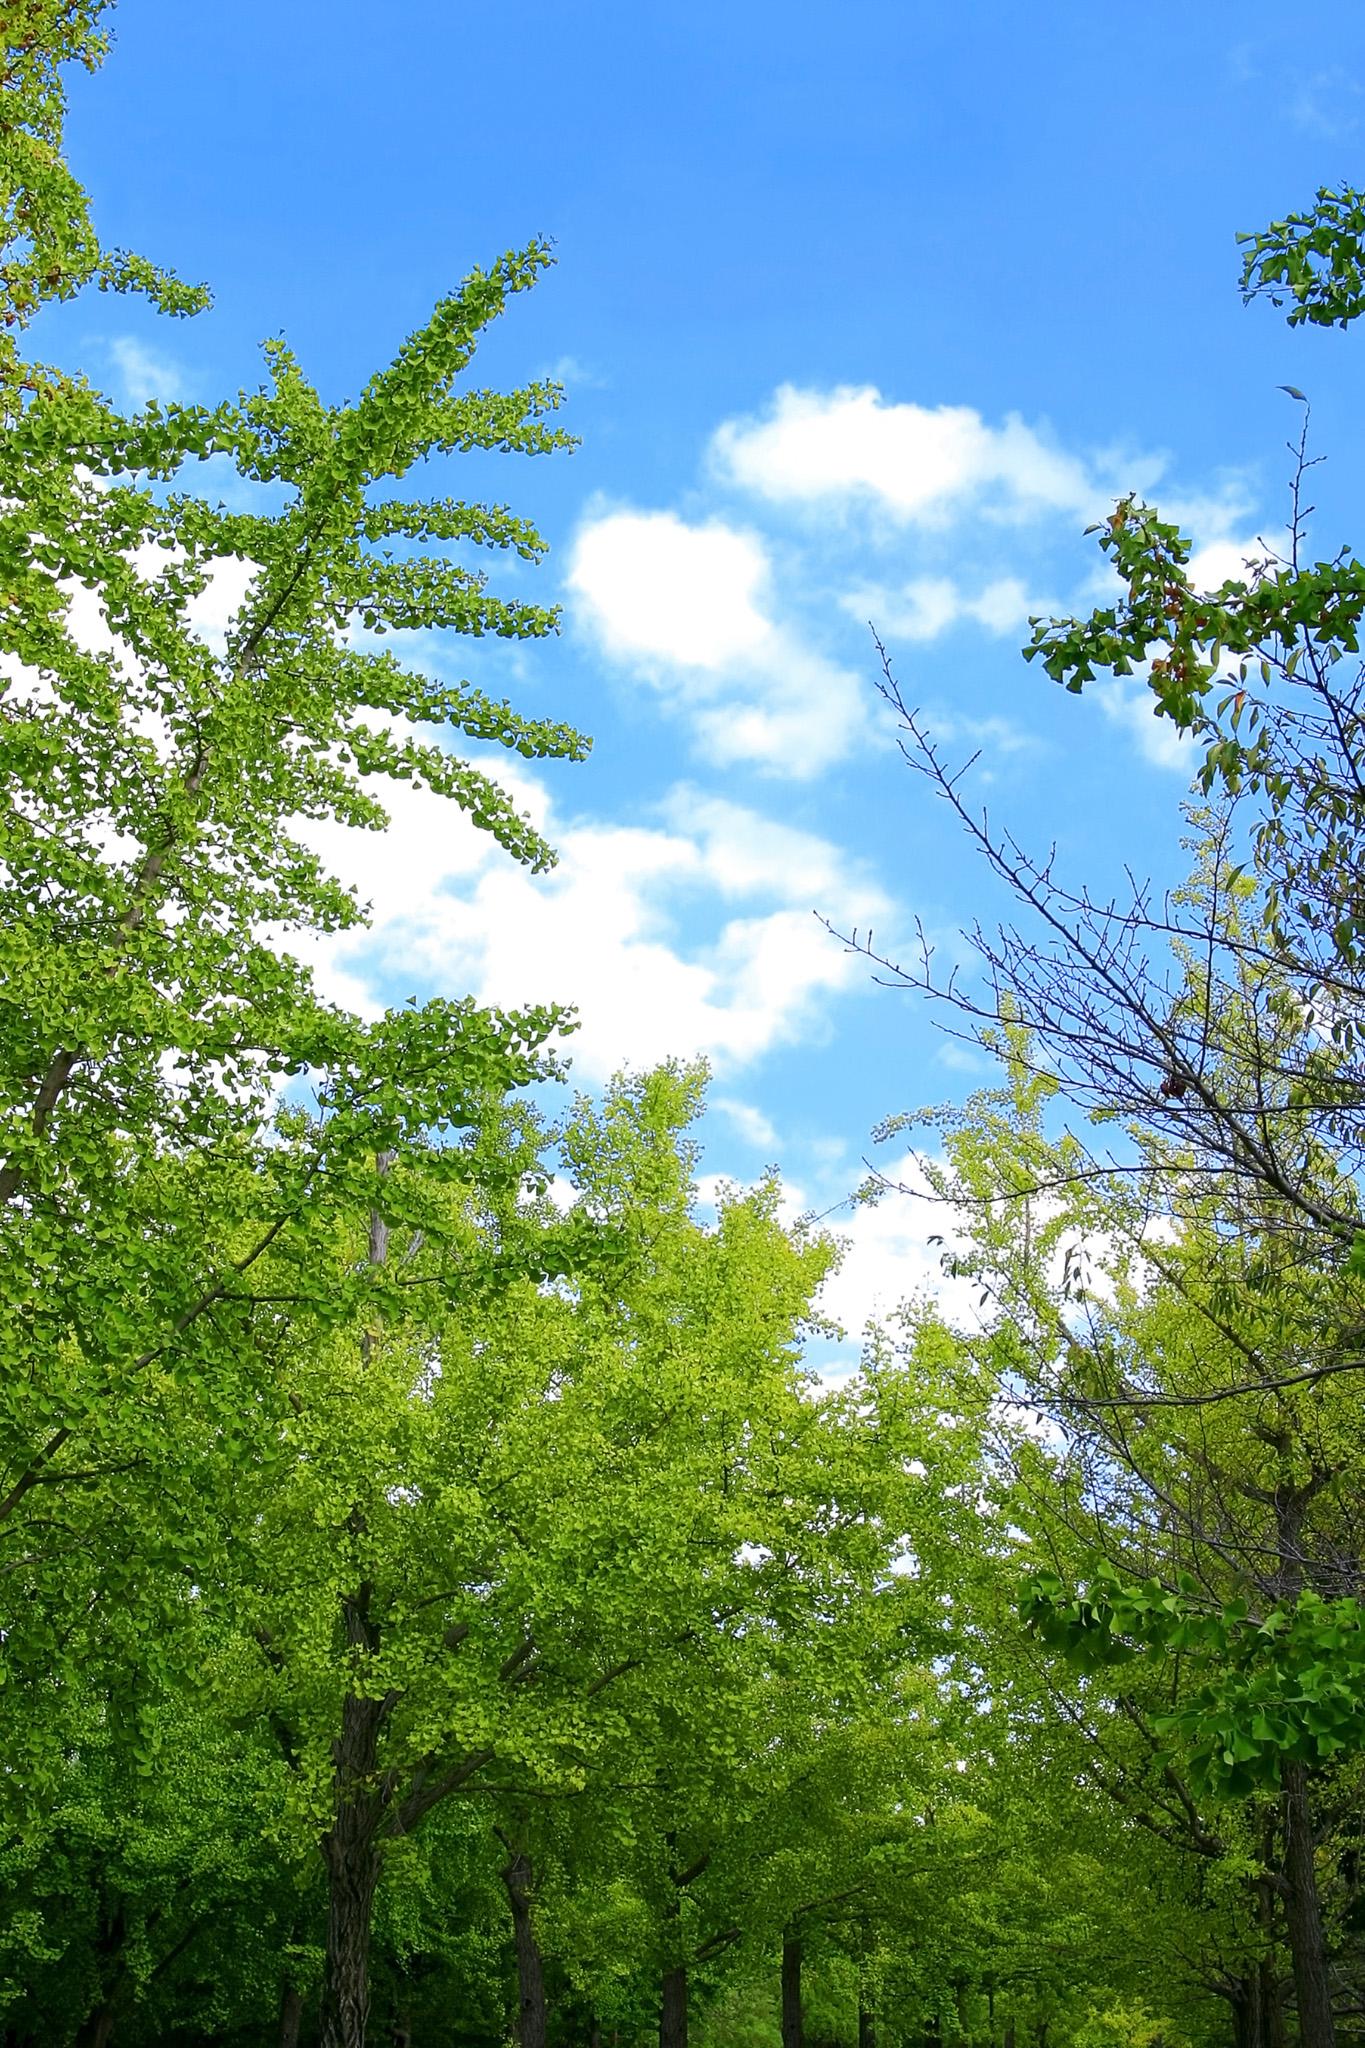 「木・樹木」の素材を無料ダウンロード